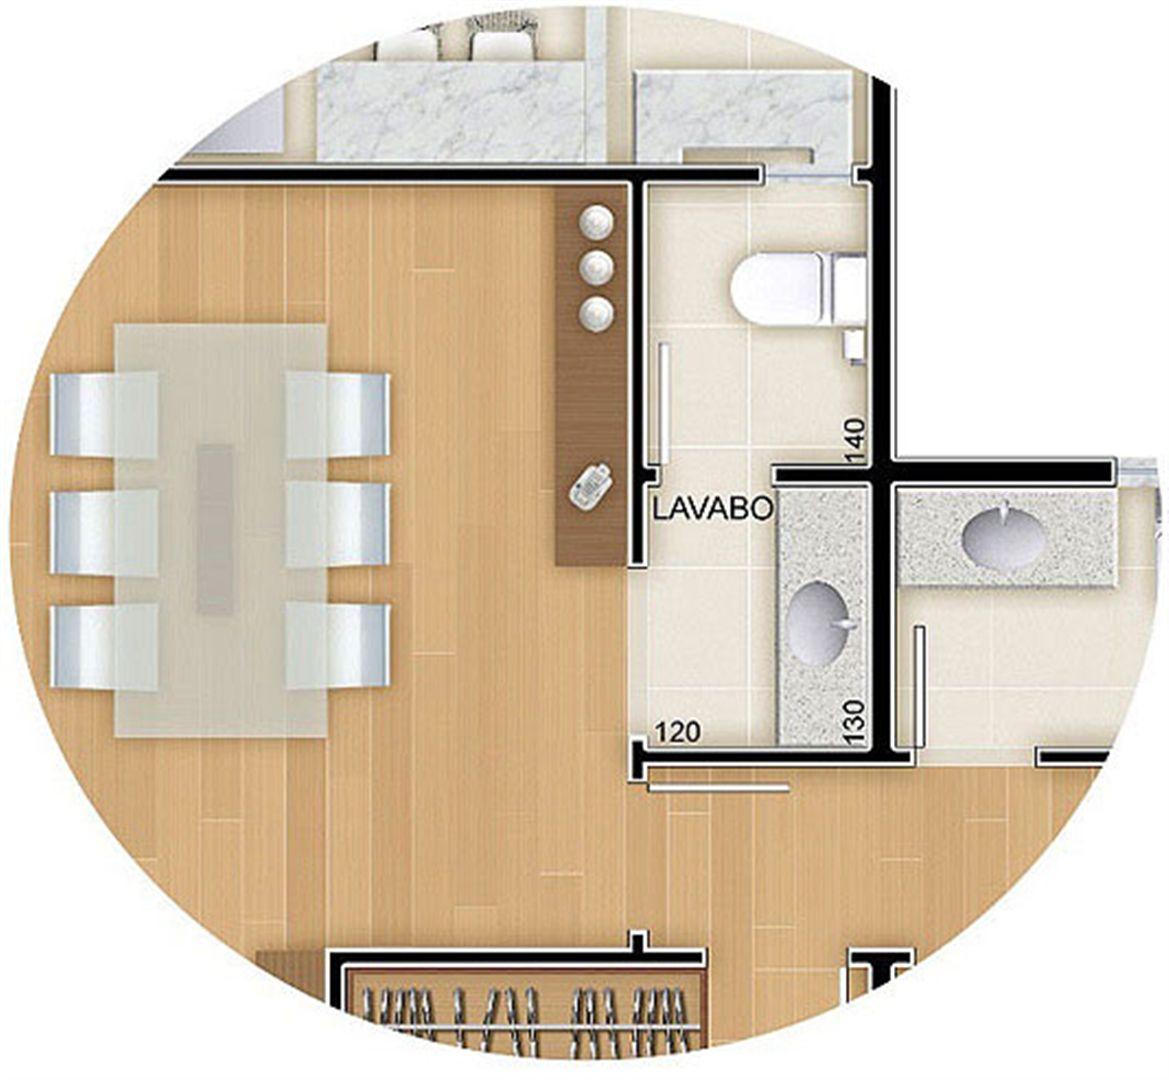 Torres 1 e 4 - 3 Quartos - 96 m² - Planta opção - Lavabo | Reserva Verde Residencial Park – Apartamento em  Laranjeiras - Serra - Espírito Santo